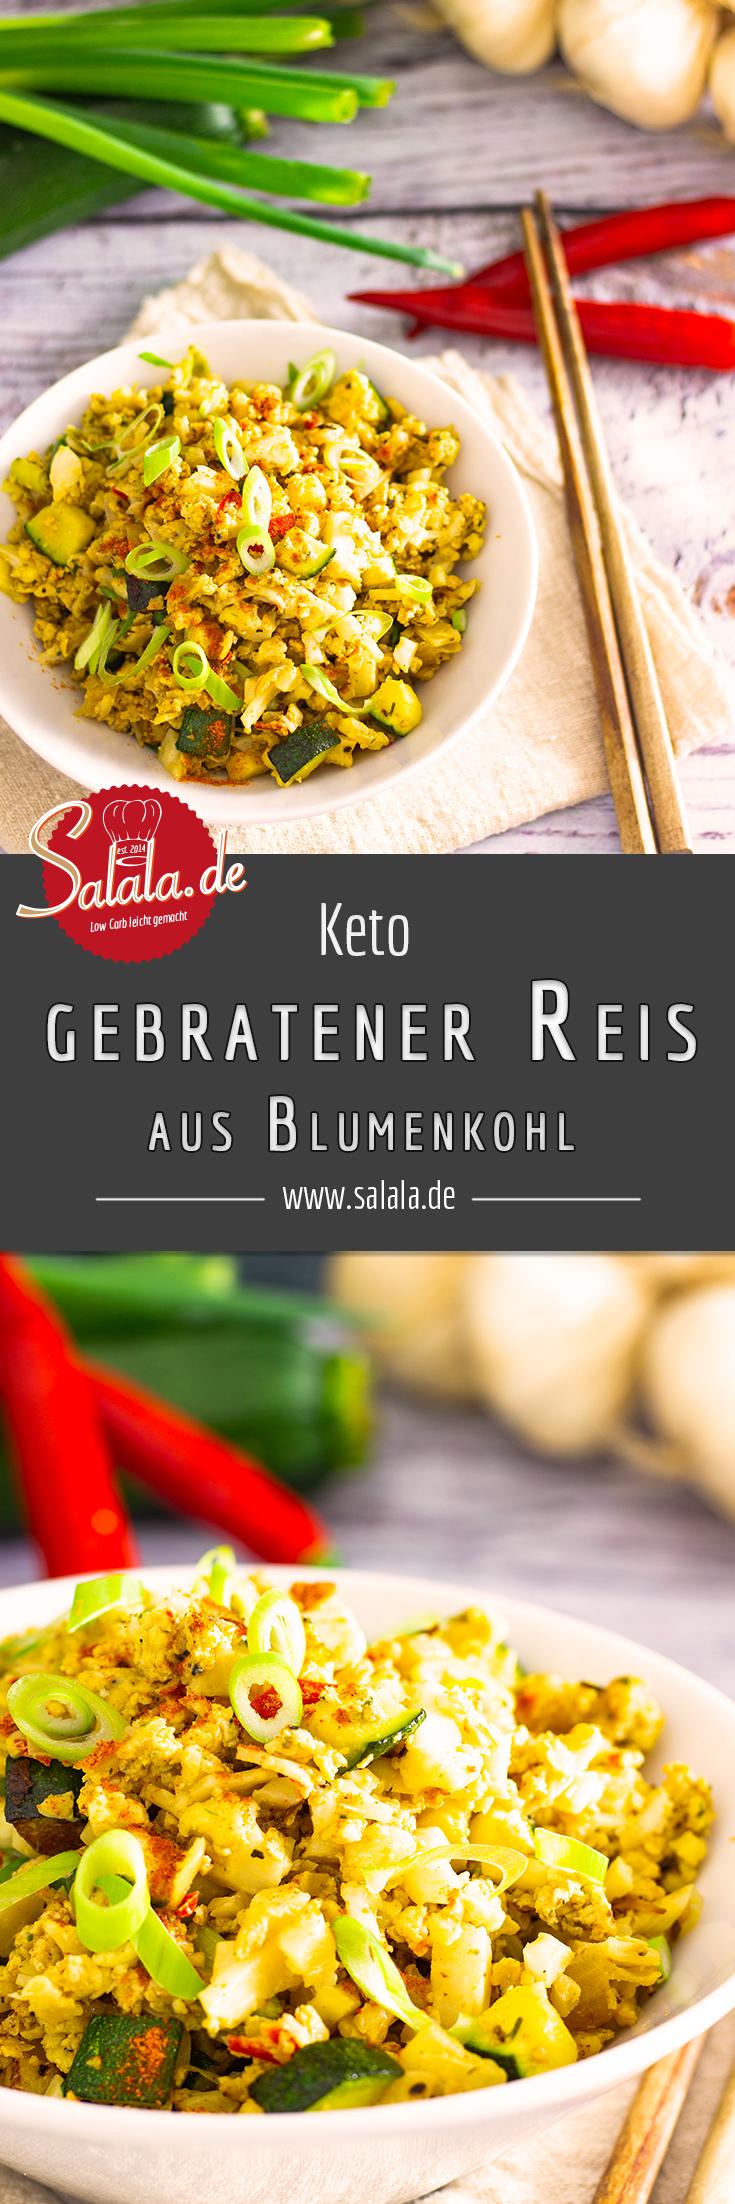 Blumenkohlreis, vegetarisch | salala.de – Low Carb leicht gemacht